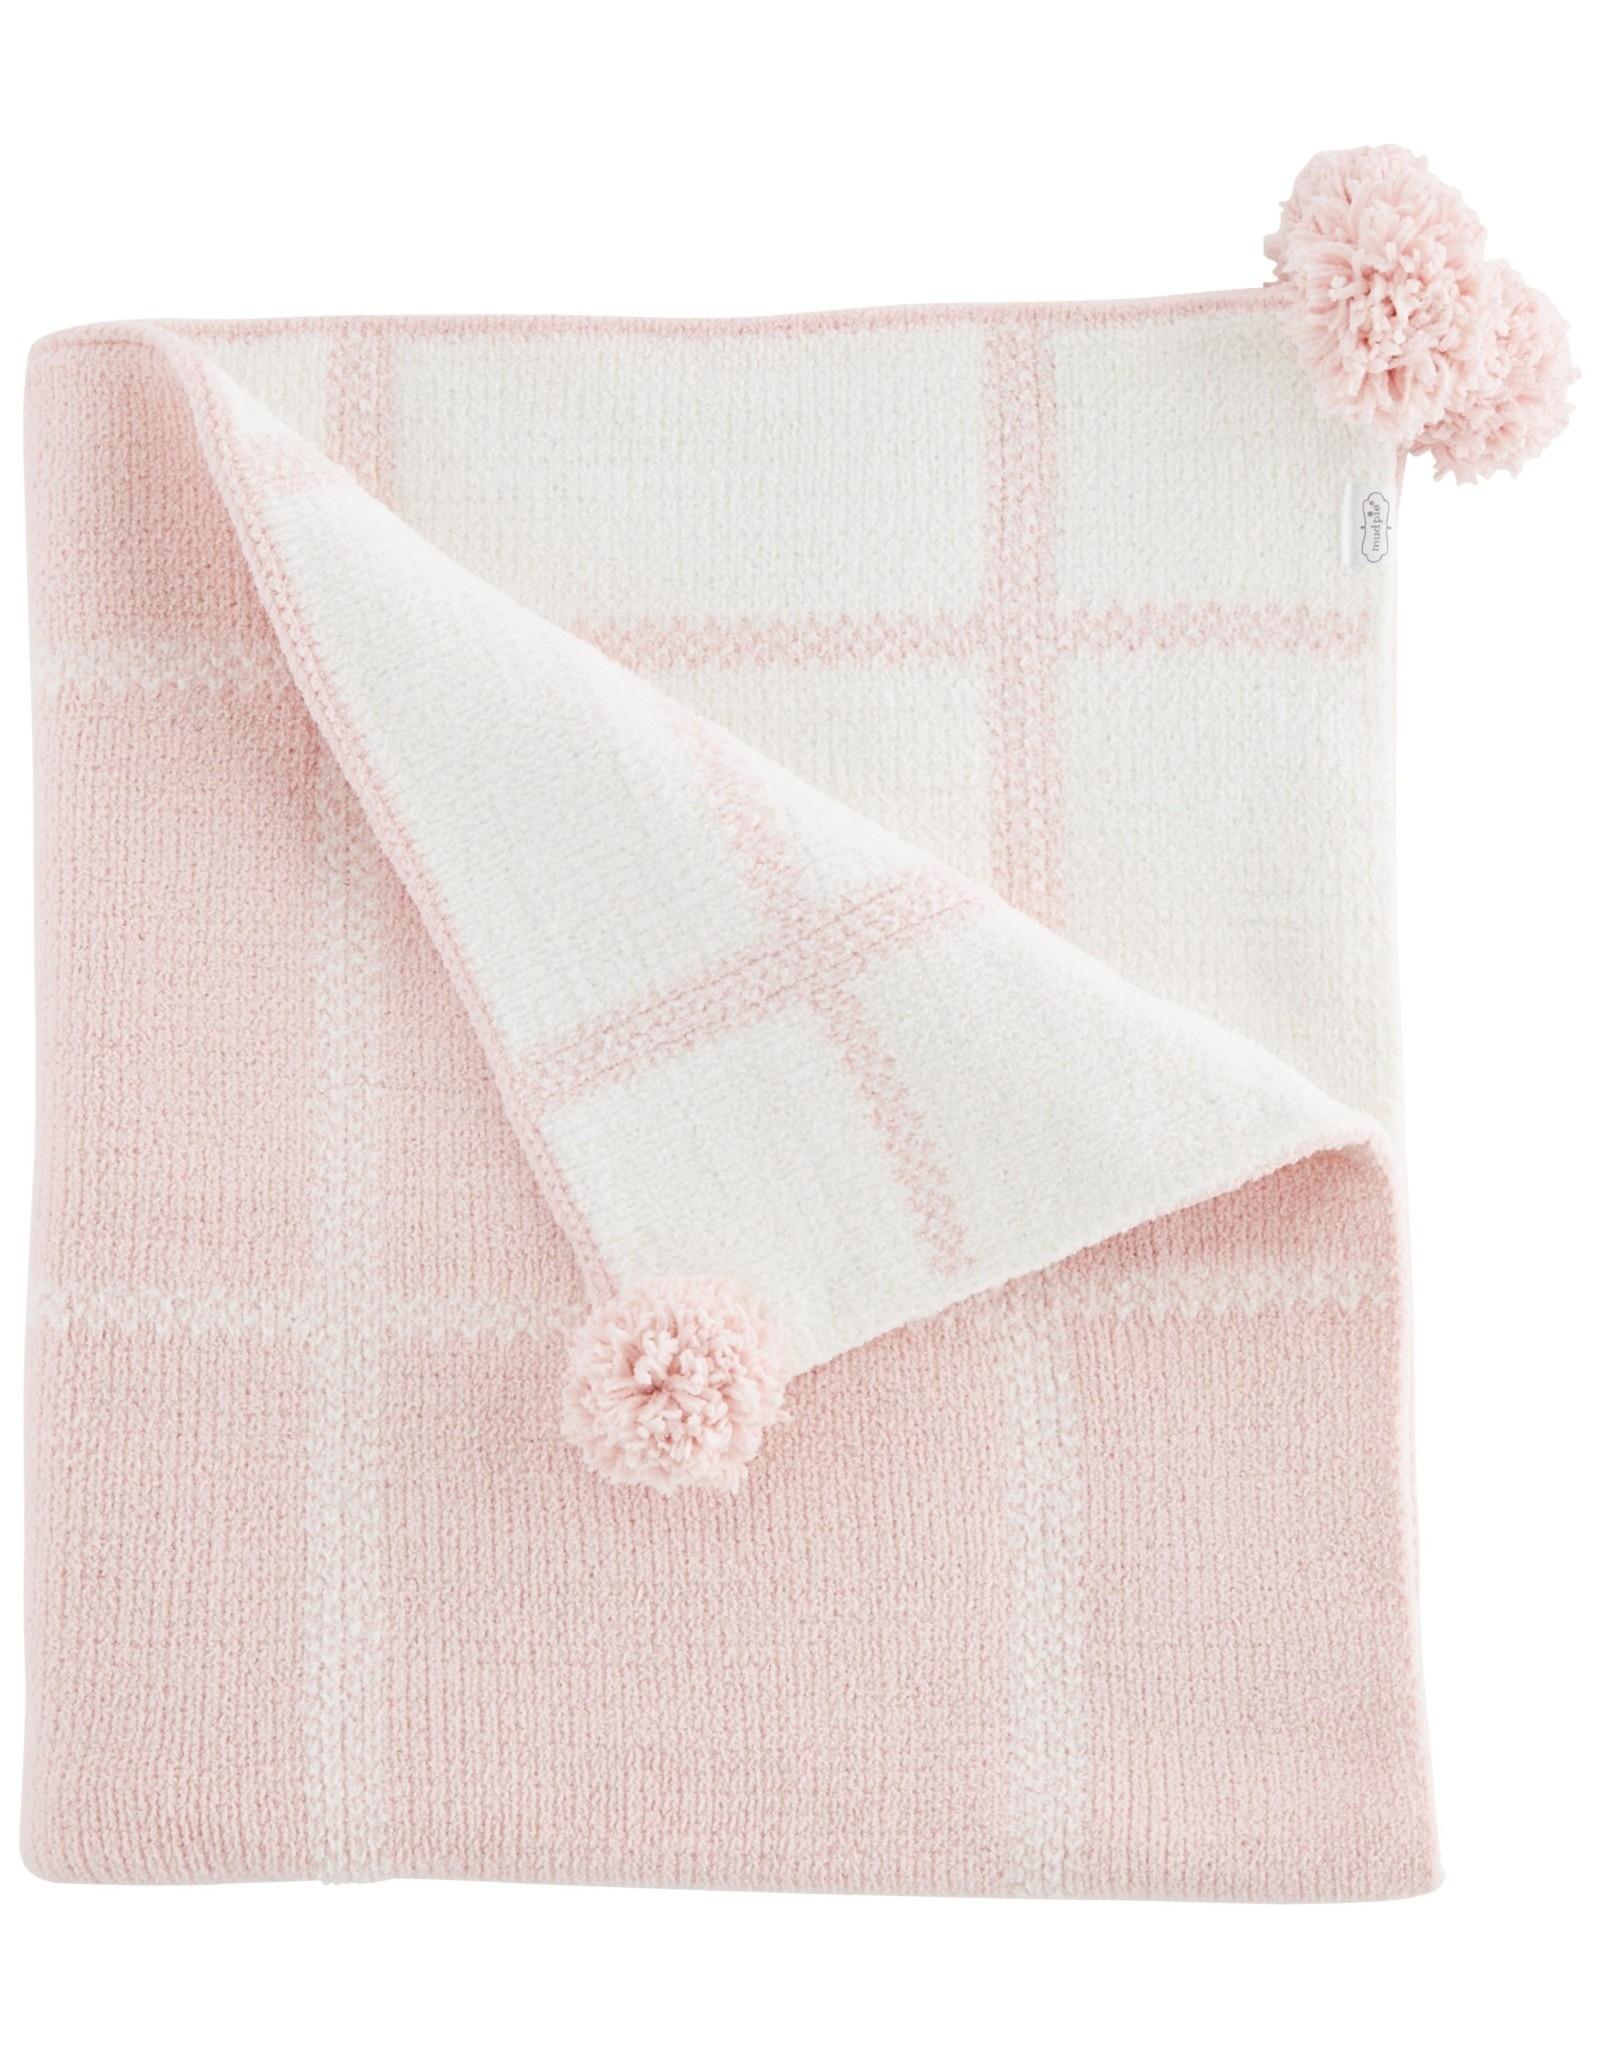 Mudpie Baby Blanket - Pink Plaid Chenille